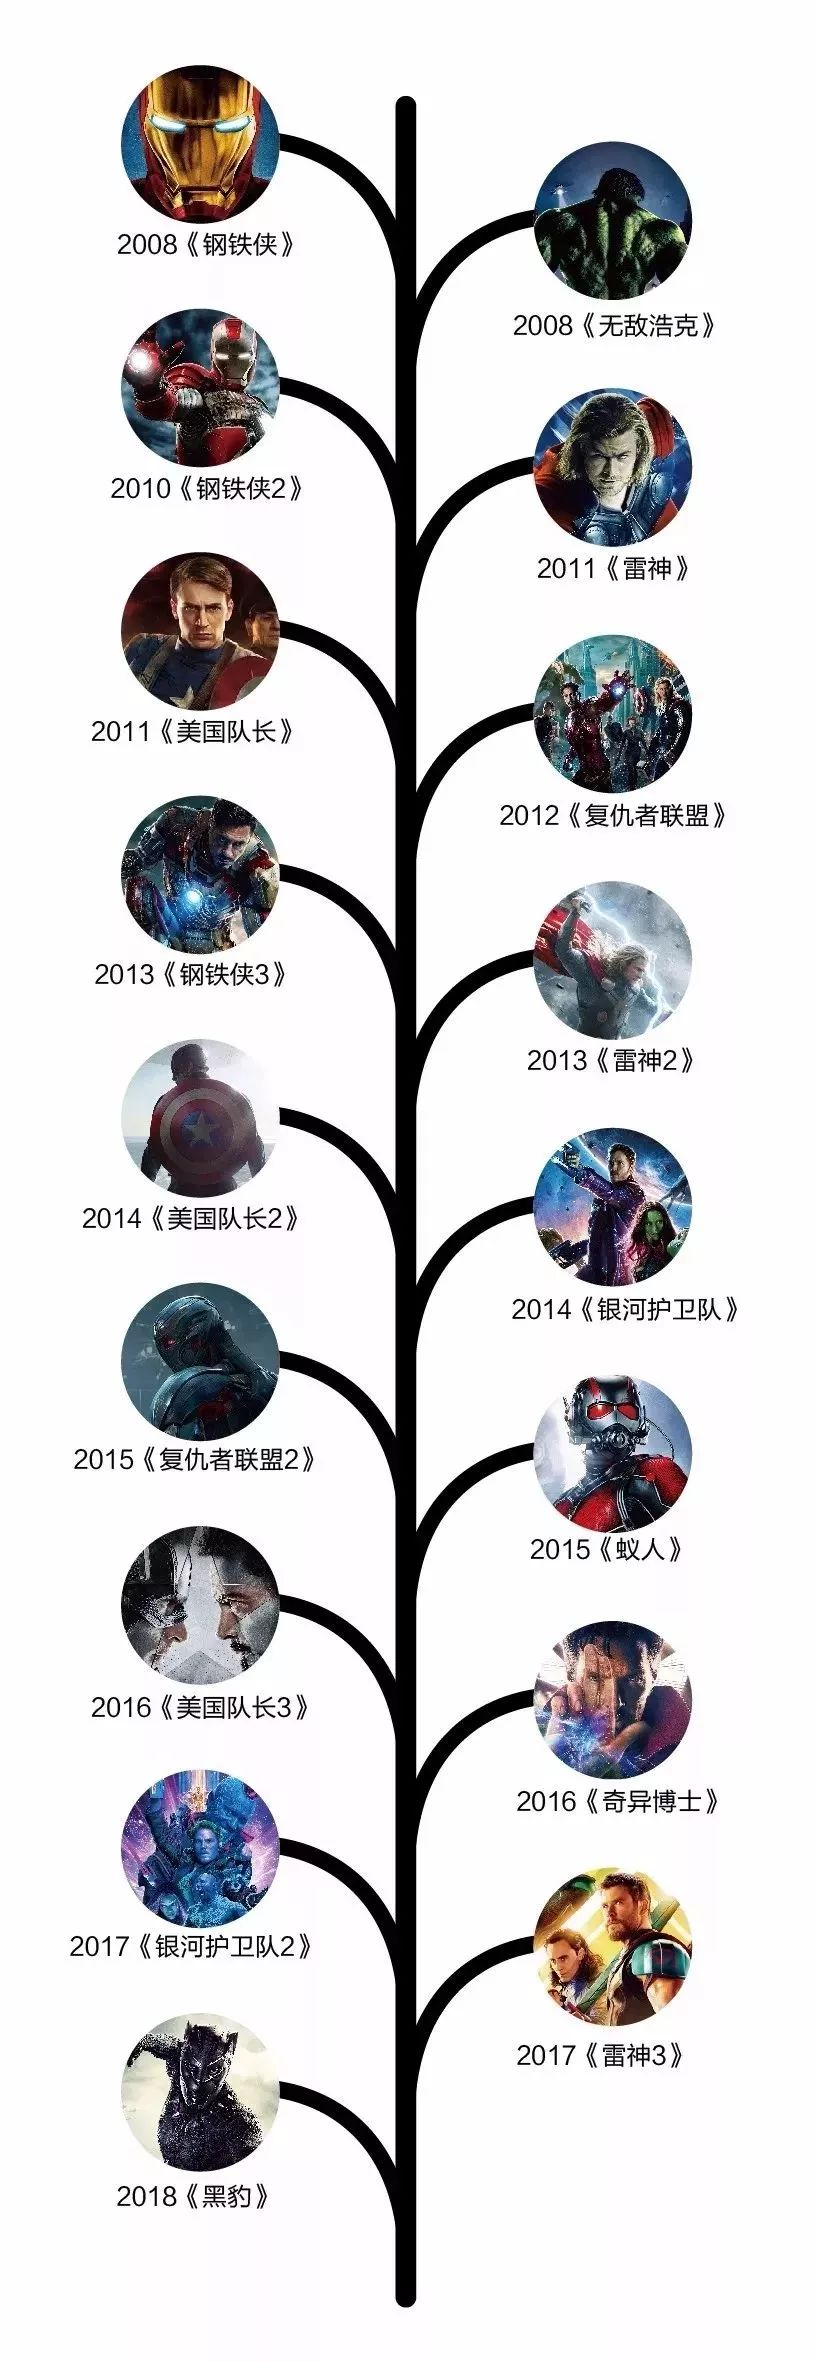 為了看懂《複仇者聯盟3》,我把18部漫威電影又看了一遍